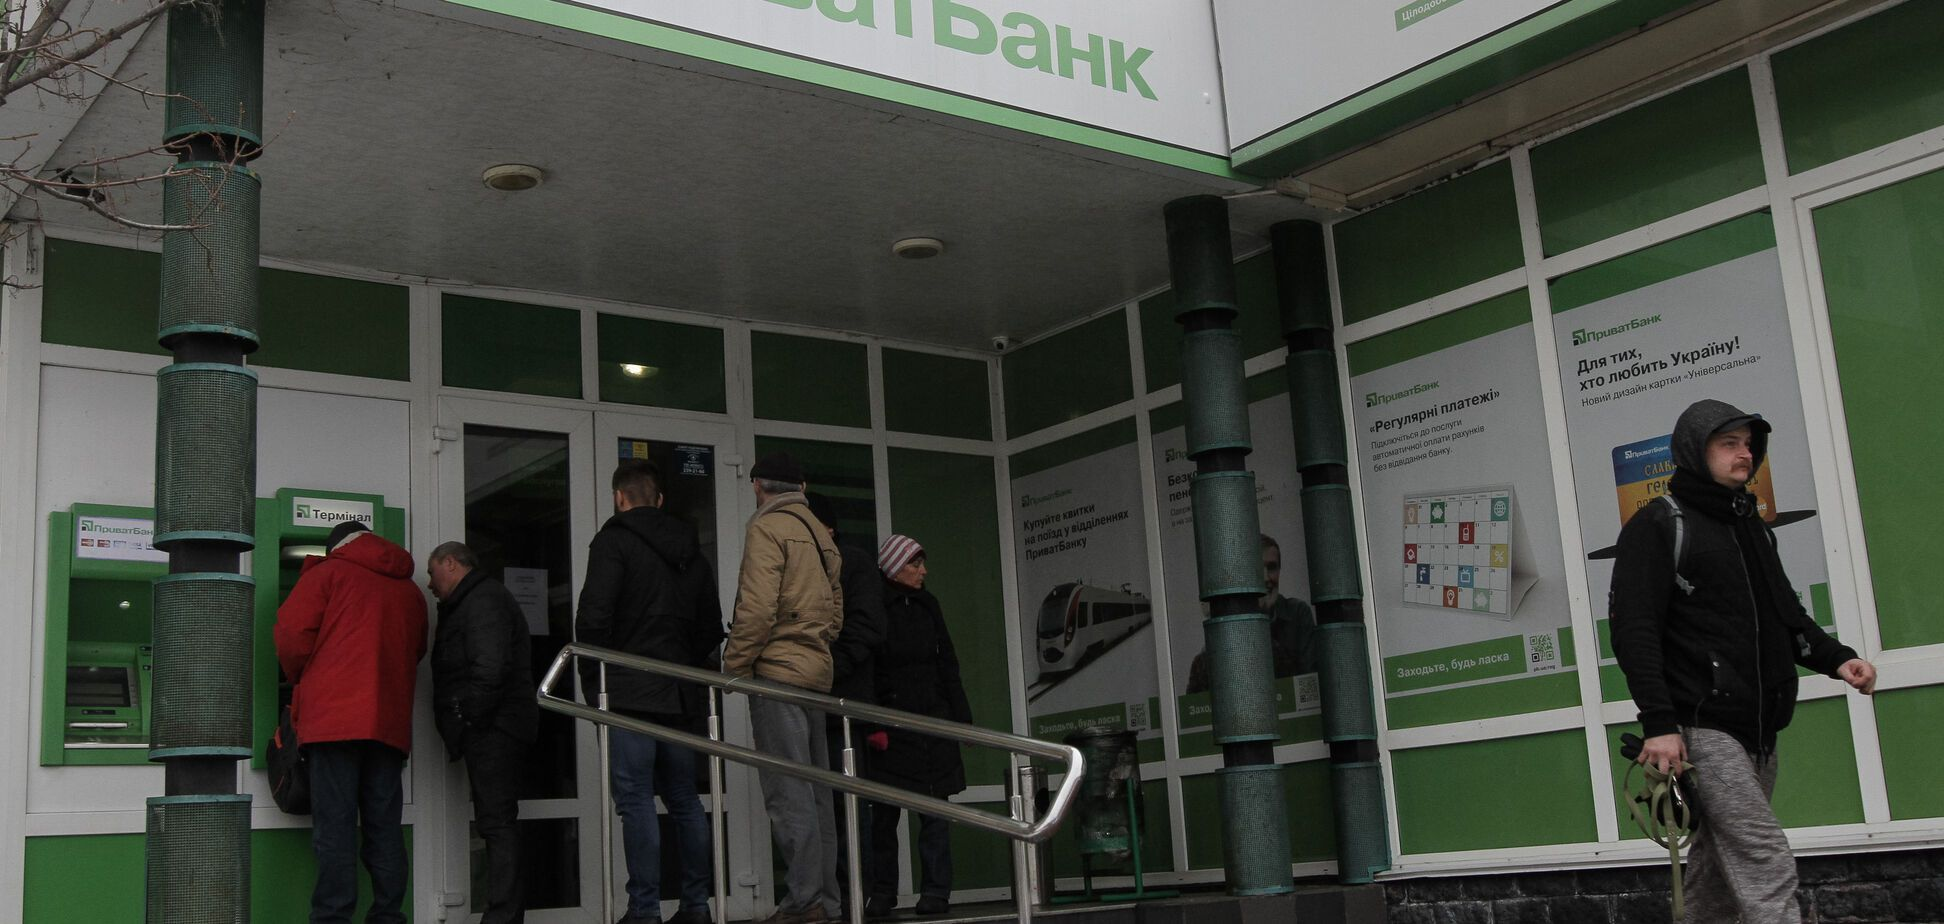 Убытки на $5,5 млрд: стали известны детали расследования по ПриватБанку